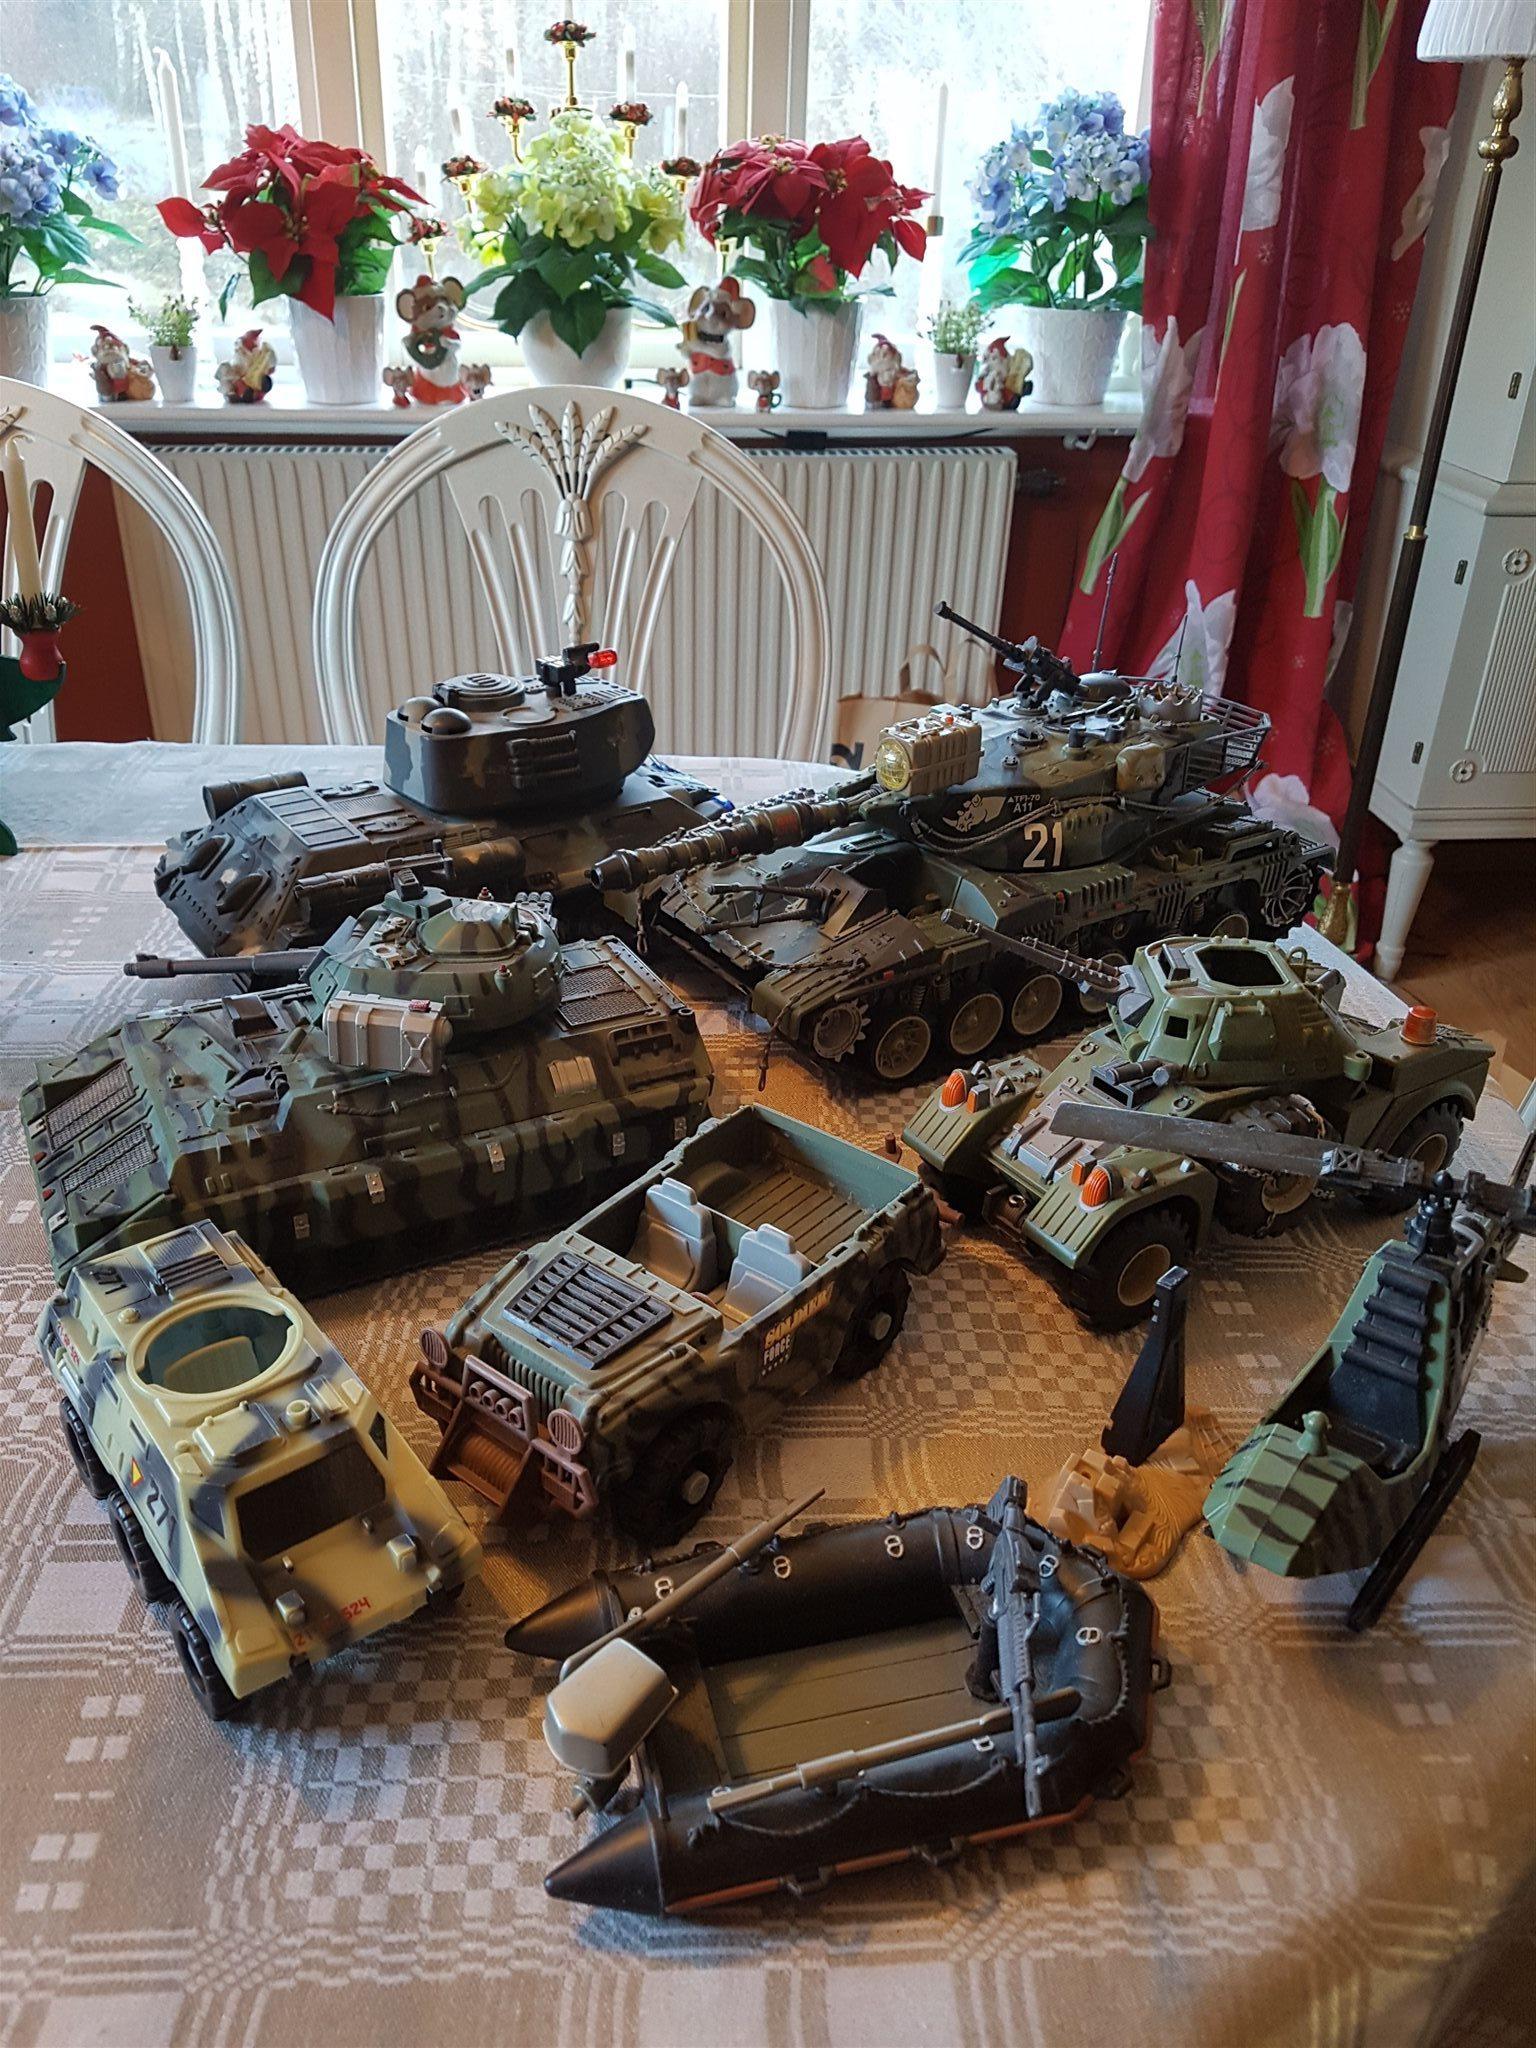 Krig action fordon, tanks, jeep, båt och helikopter. Välbehållna!